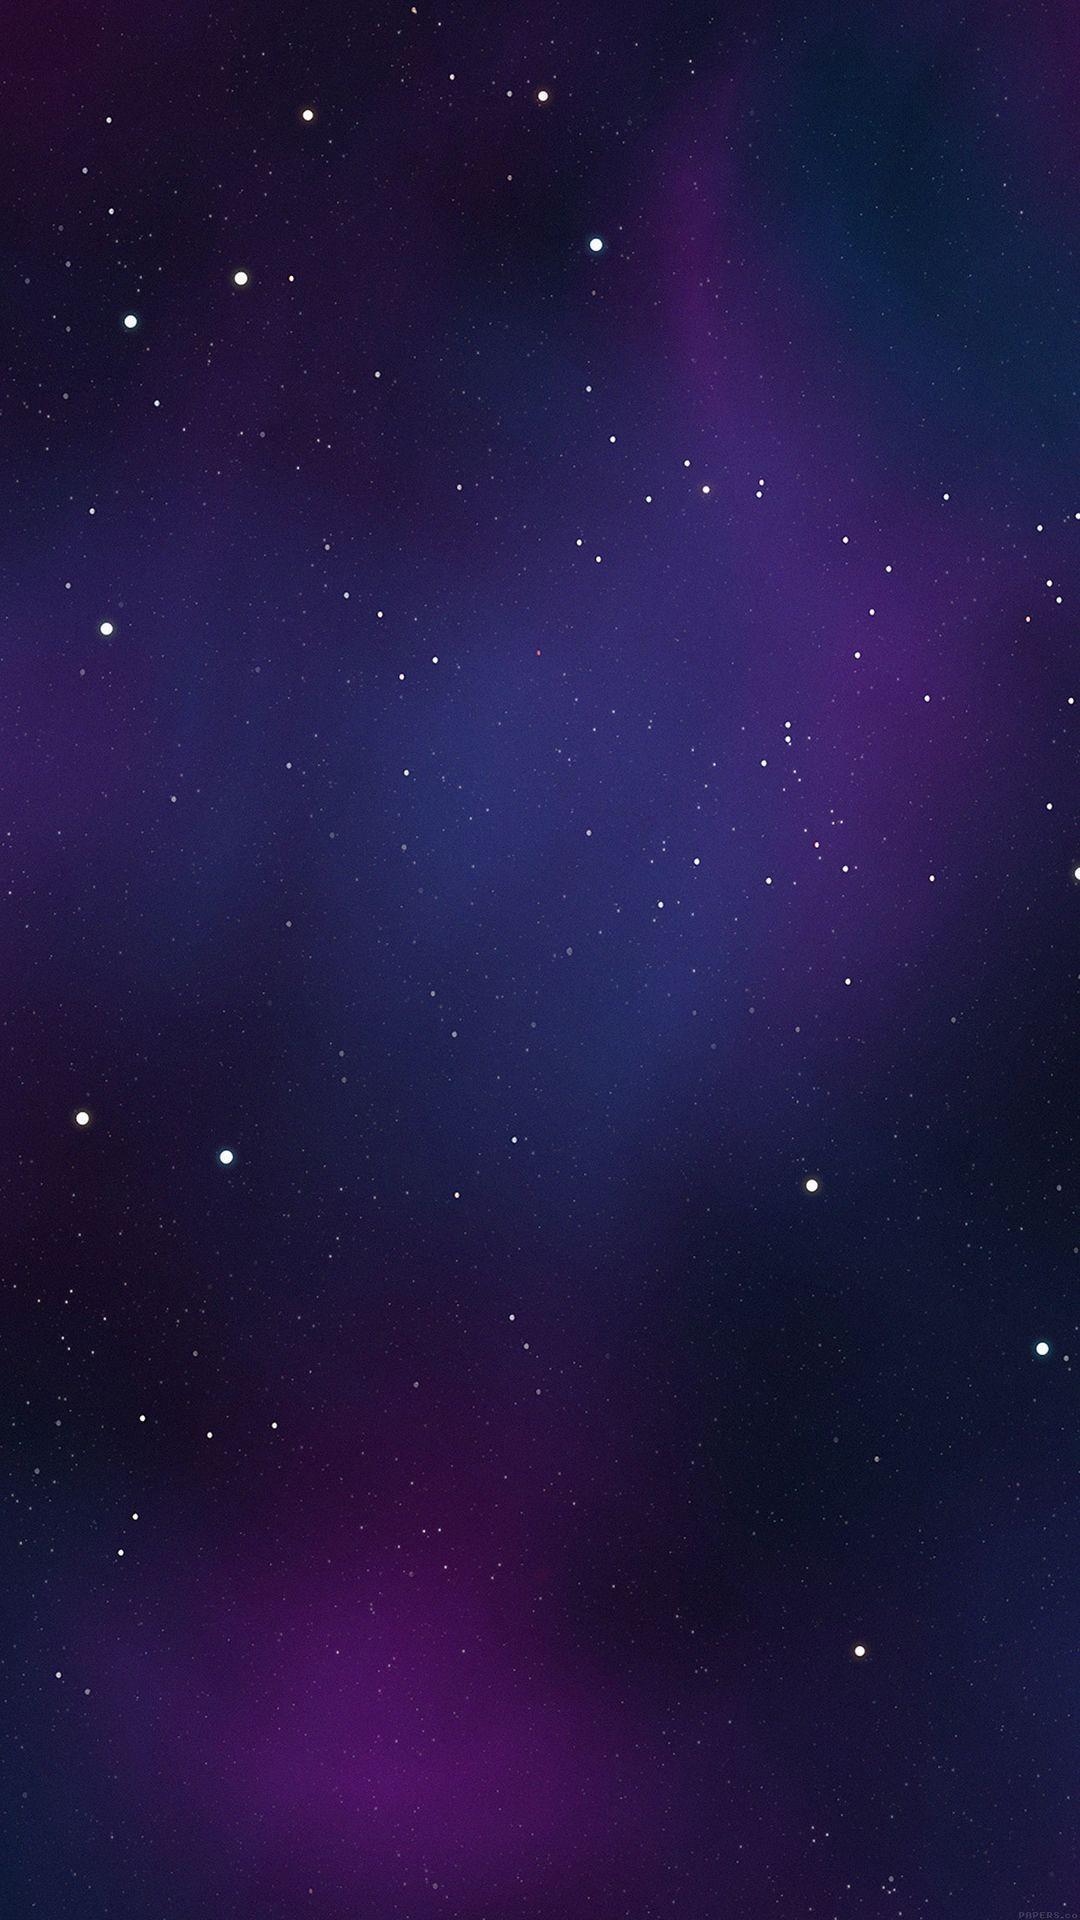 Deep Purple iPhone Wallpapers - Top